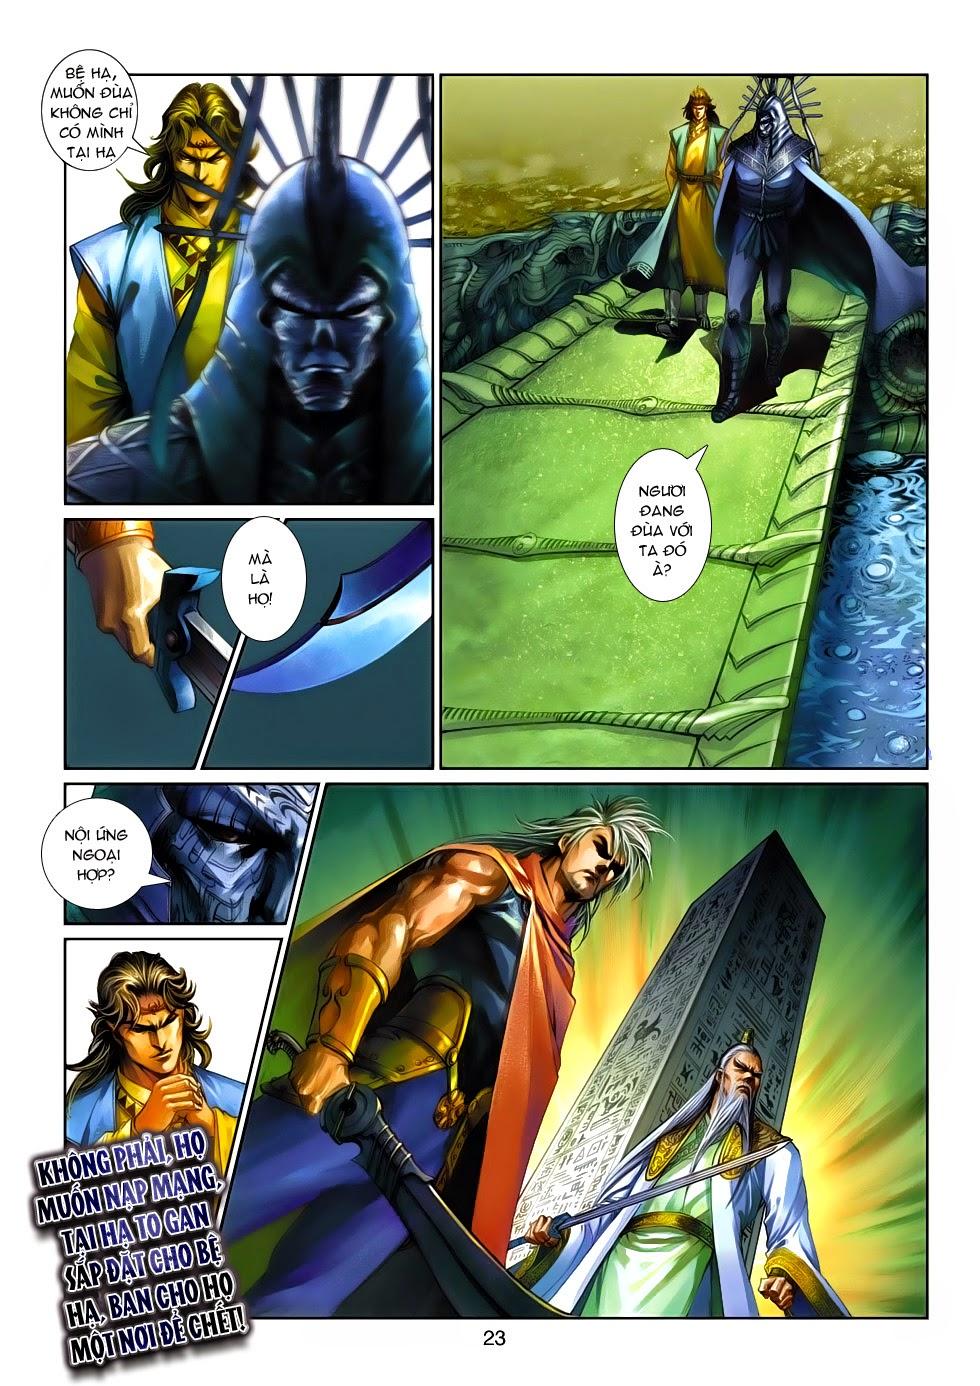 Thần Binh Tiền Truyện 4 - Huyền Thiên Tà Đế chap 14 - Trang 23